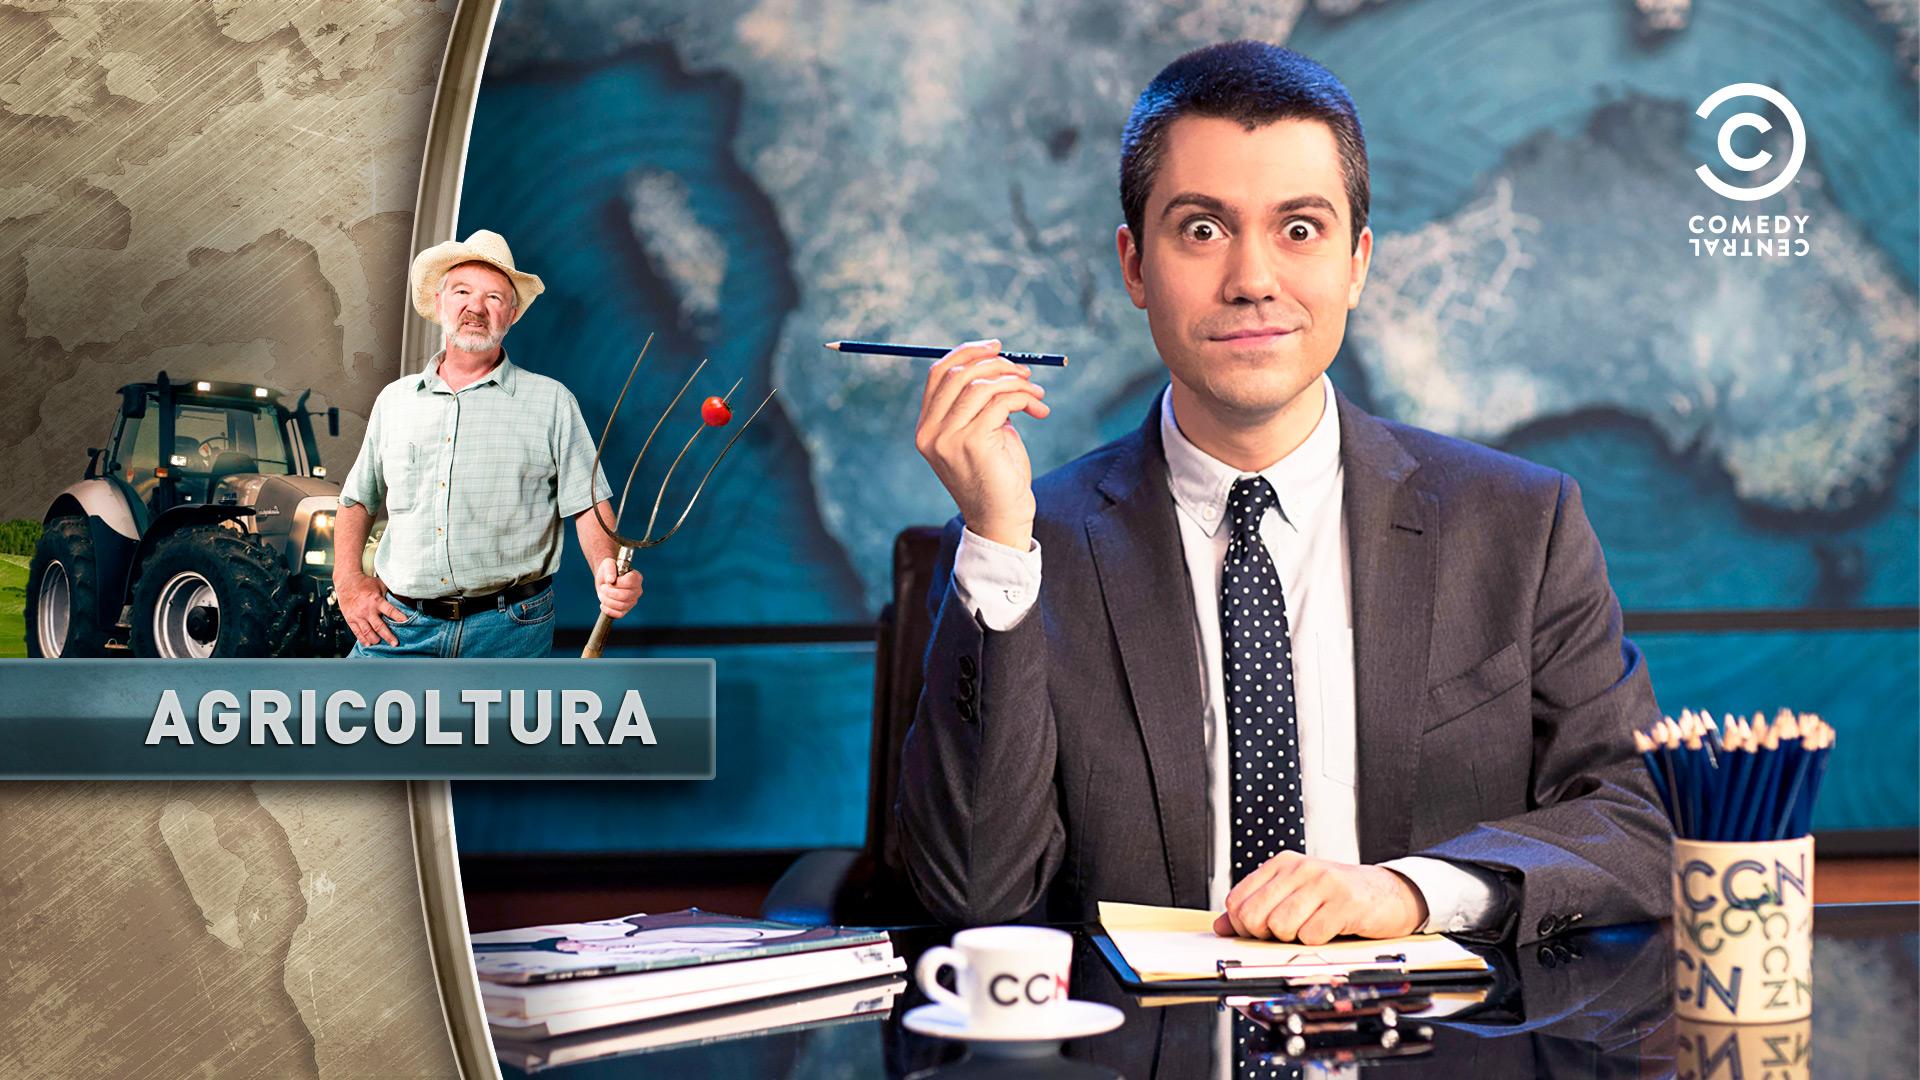 Cartello della puntata Agricoltura della trasmissione televisiva CCN Comedy Central News di Saverio Raimondo, realizzata dallo studio di grafica Studio Polpo